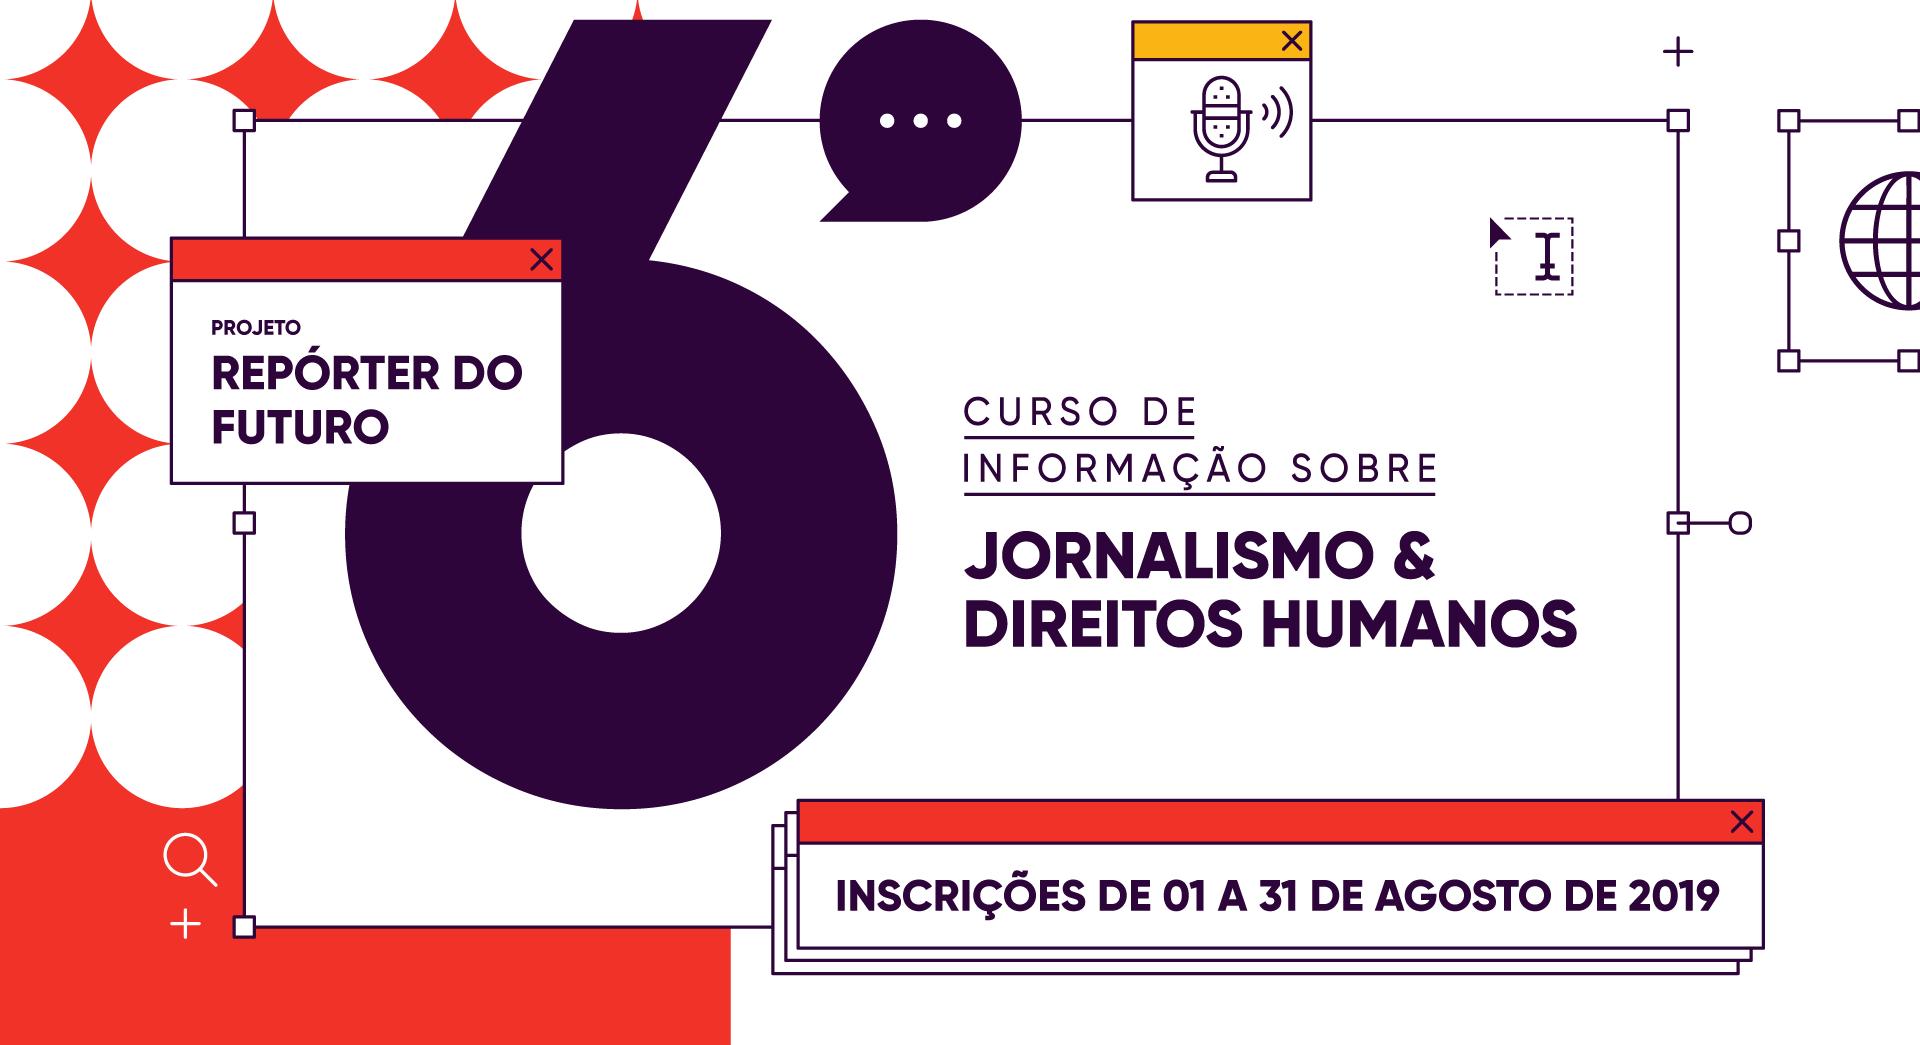 Projeto Repórter do Futuro | 6o Curso de Informação sobre Jornalismo e Direitos Humanos